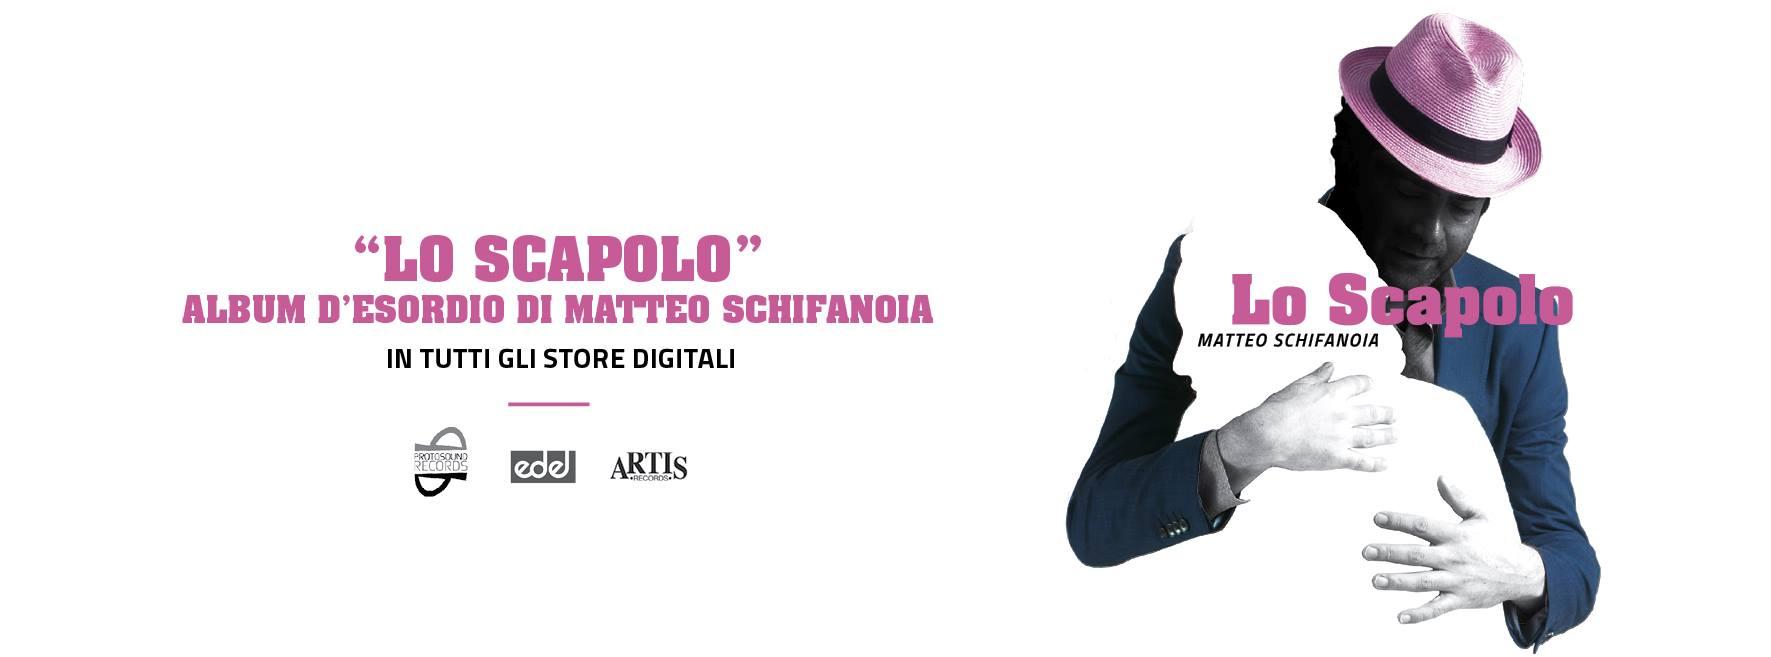 Lo Scapolo - il nuovo album